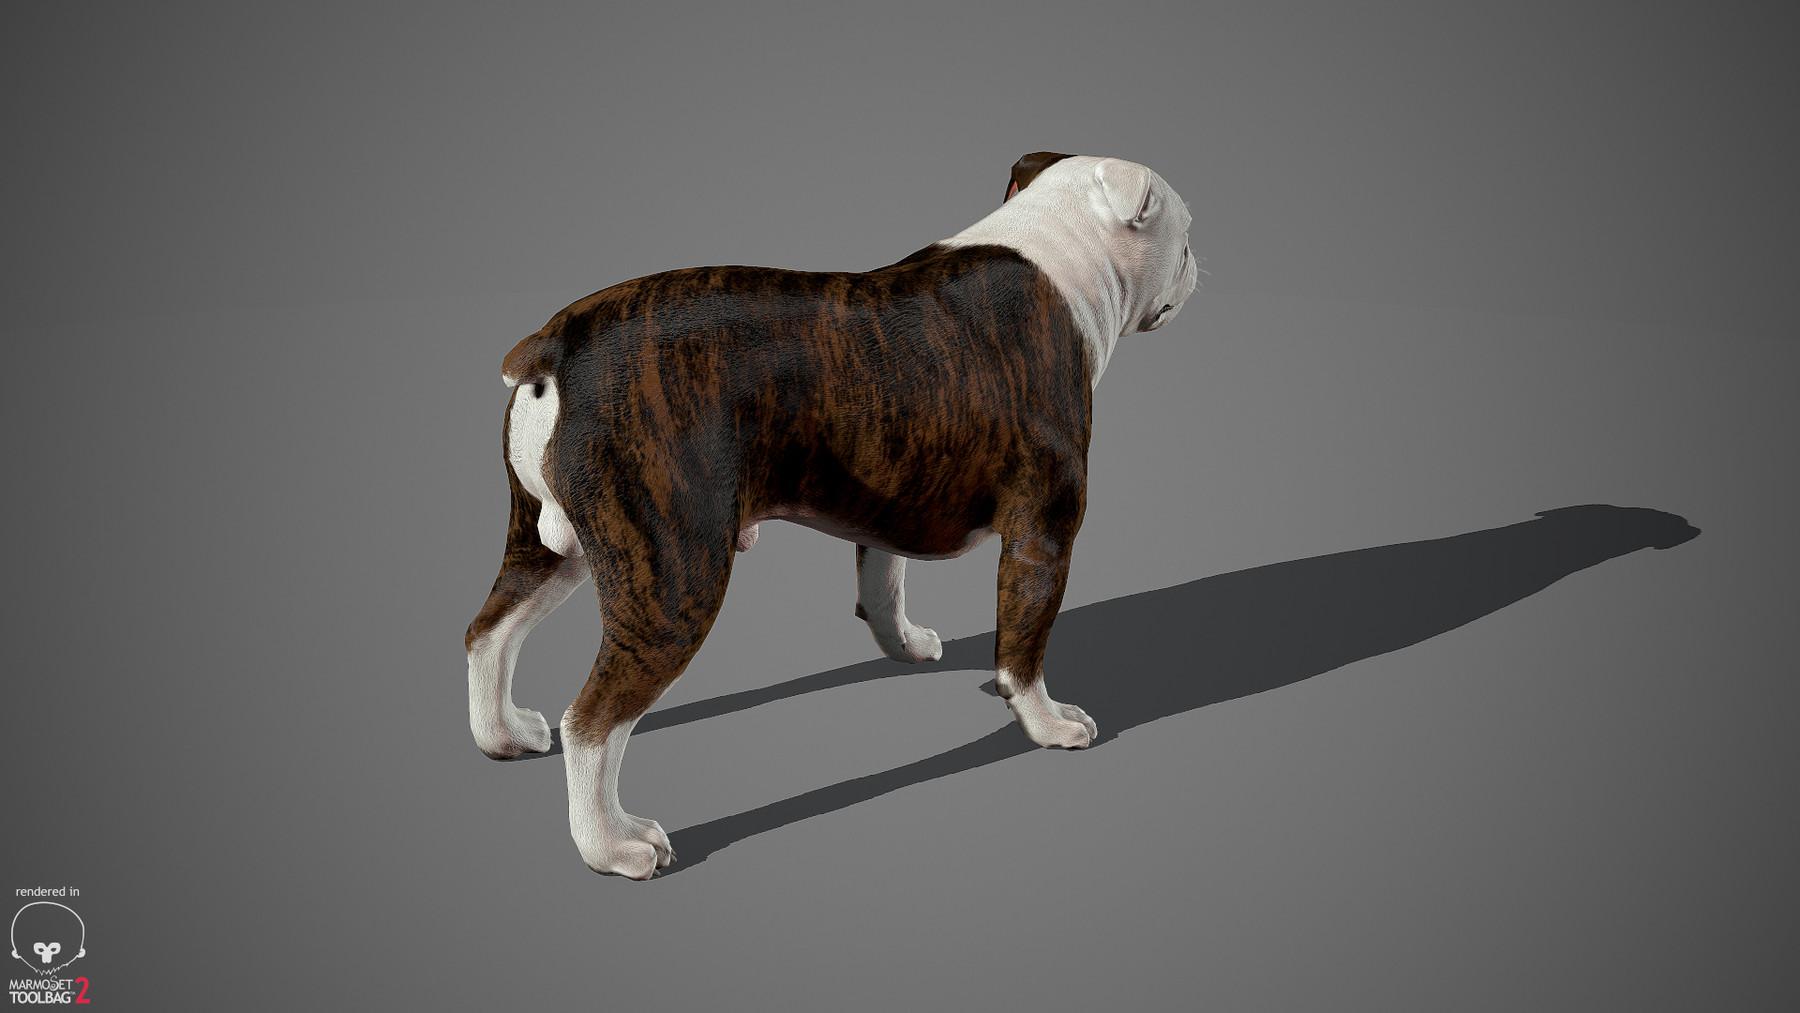 Englishbulldog by alexlashko marmoset 30